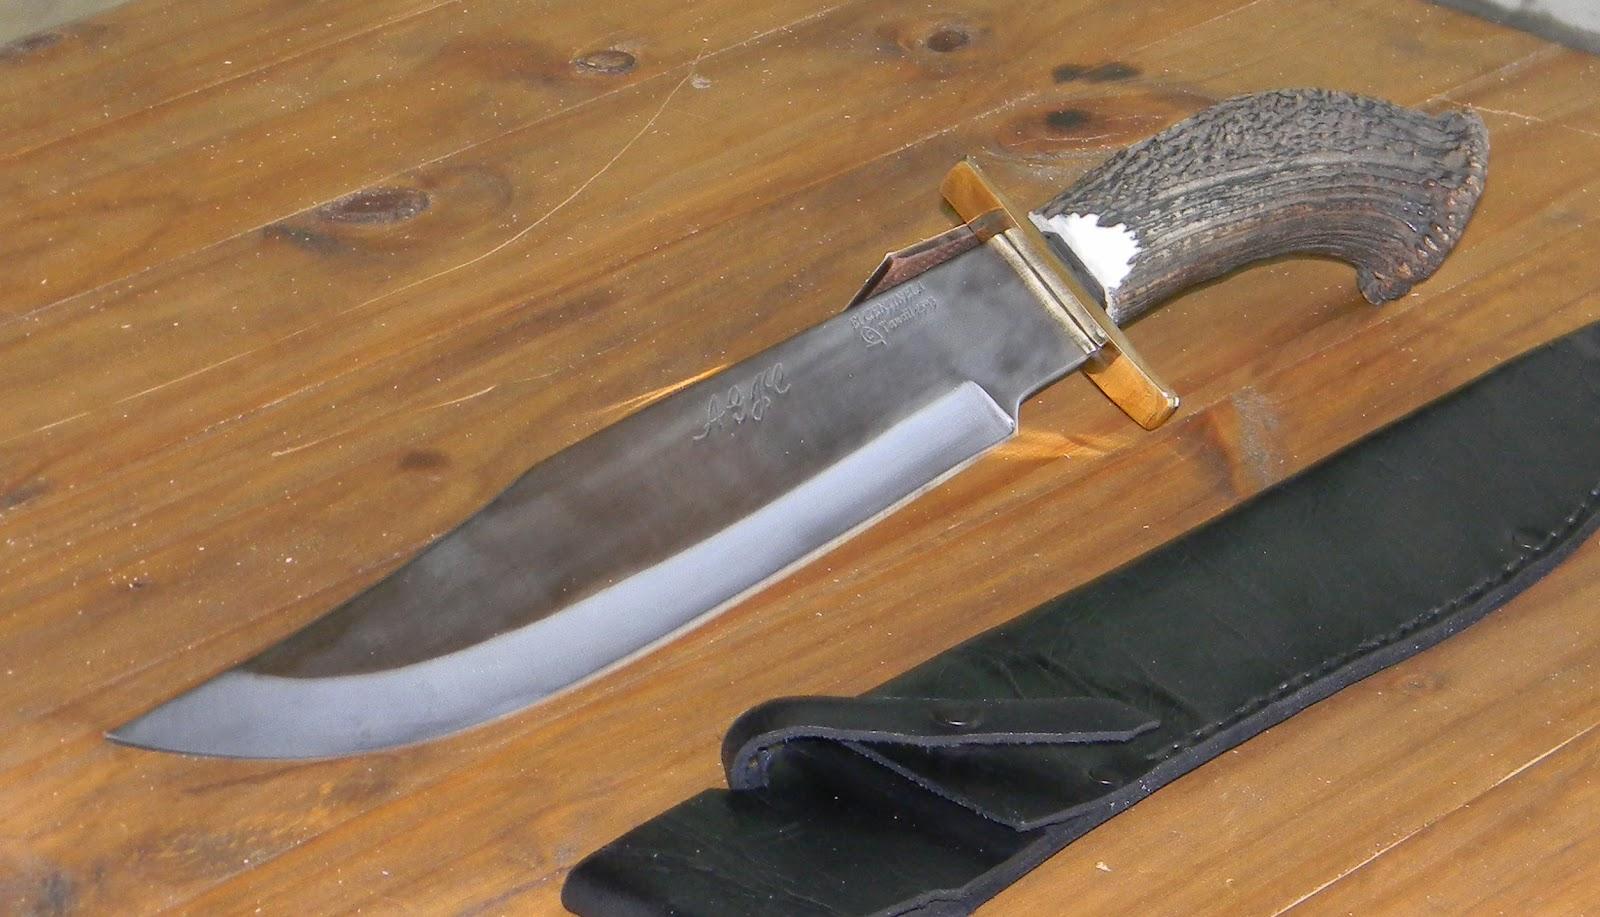 El centinela cuchillos artesanales nuevo bowie - Como hacer soporte para cuchillos ...